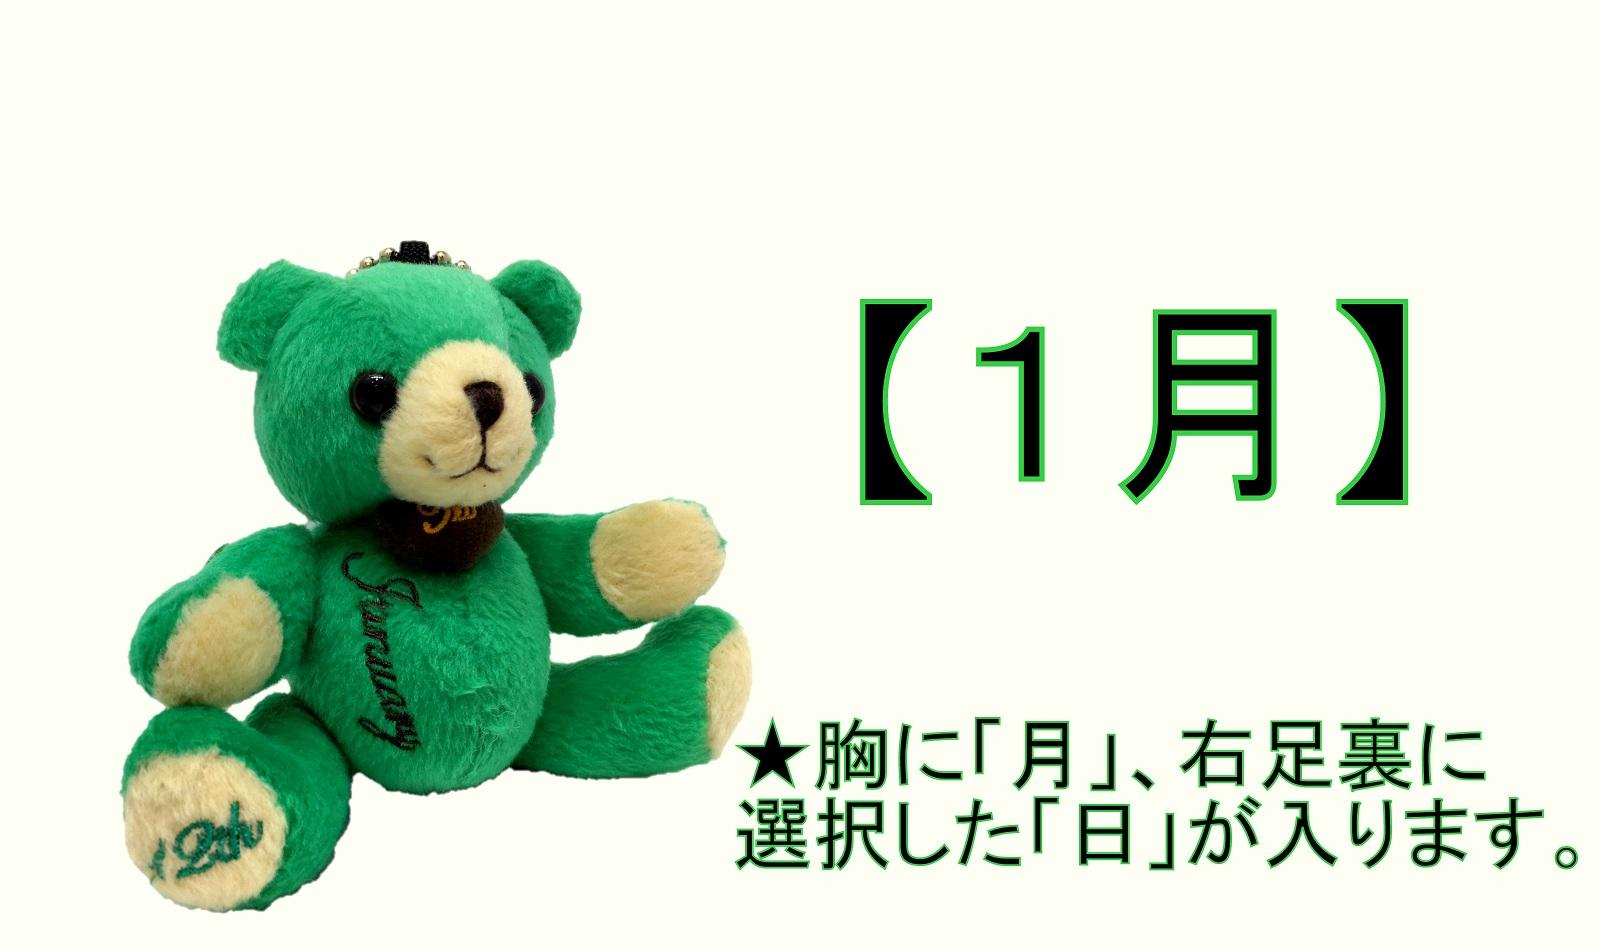 366日の記念日ベア MIRAI KH 1月 国内正規総代理店アイテム 誕生日プレゼント ~スズラン ~ 若草色